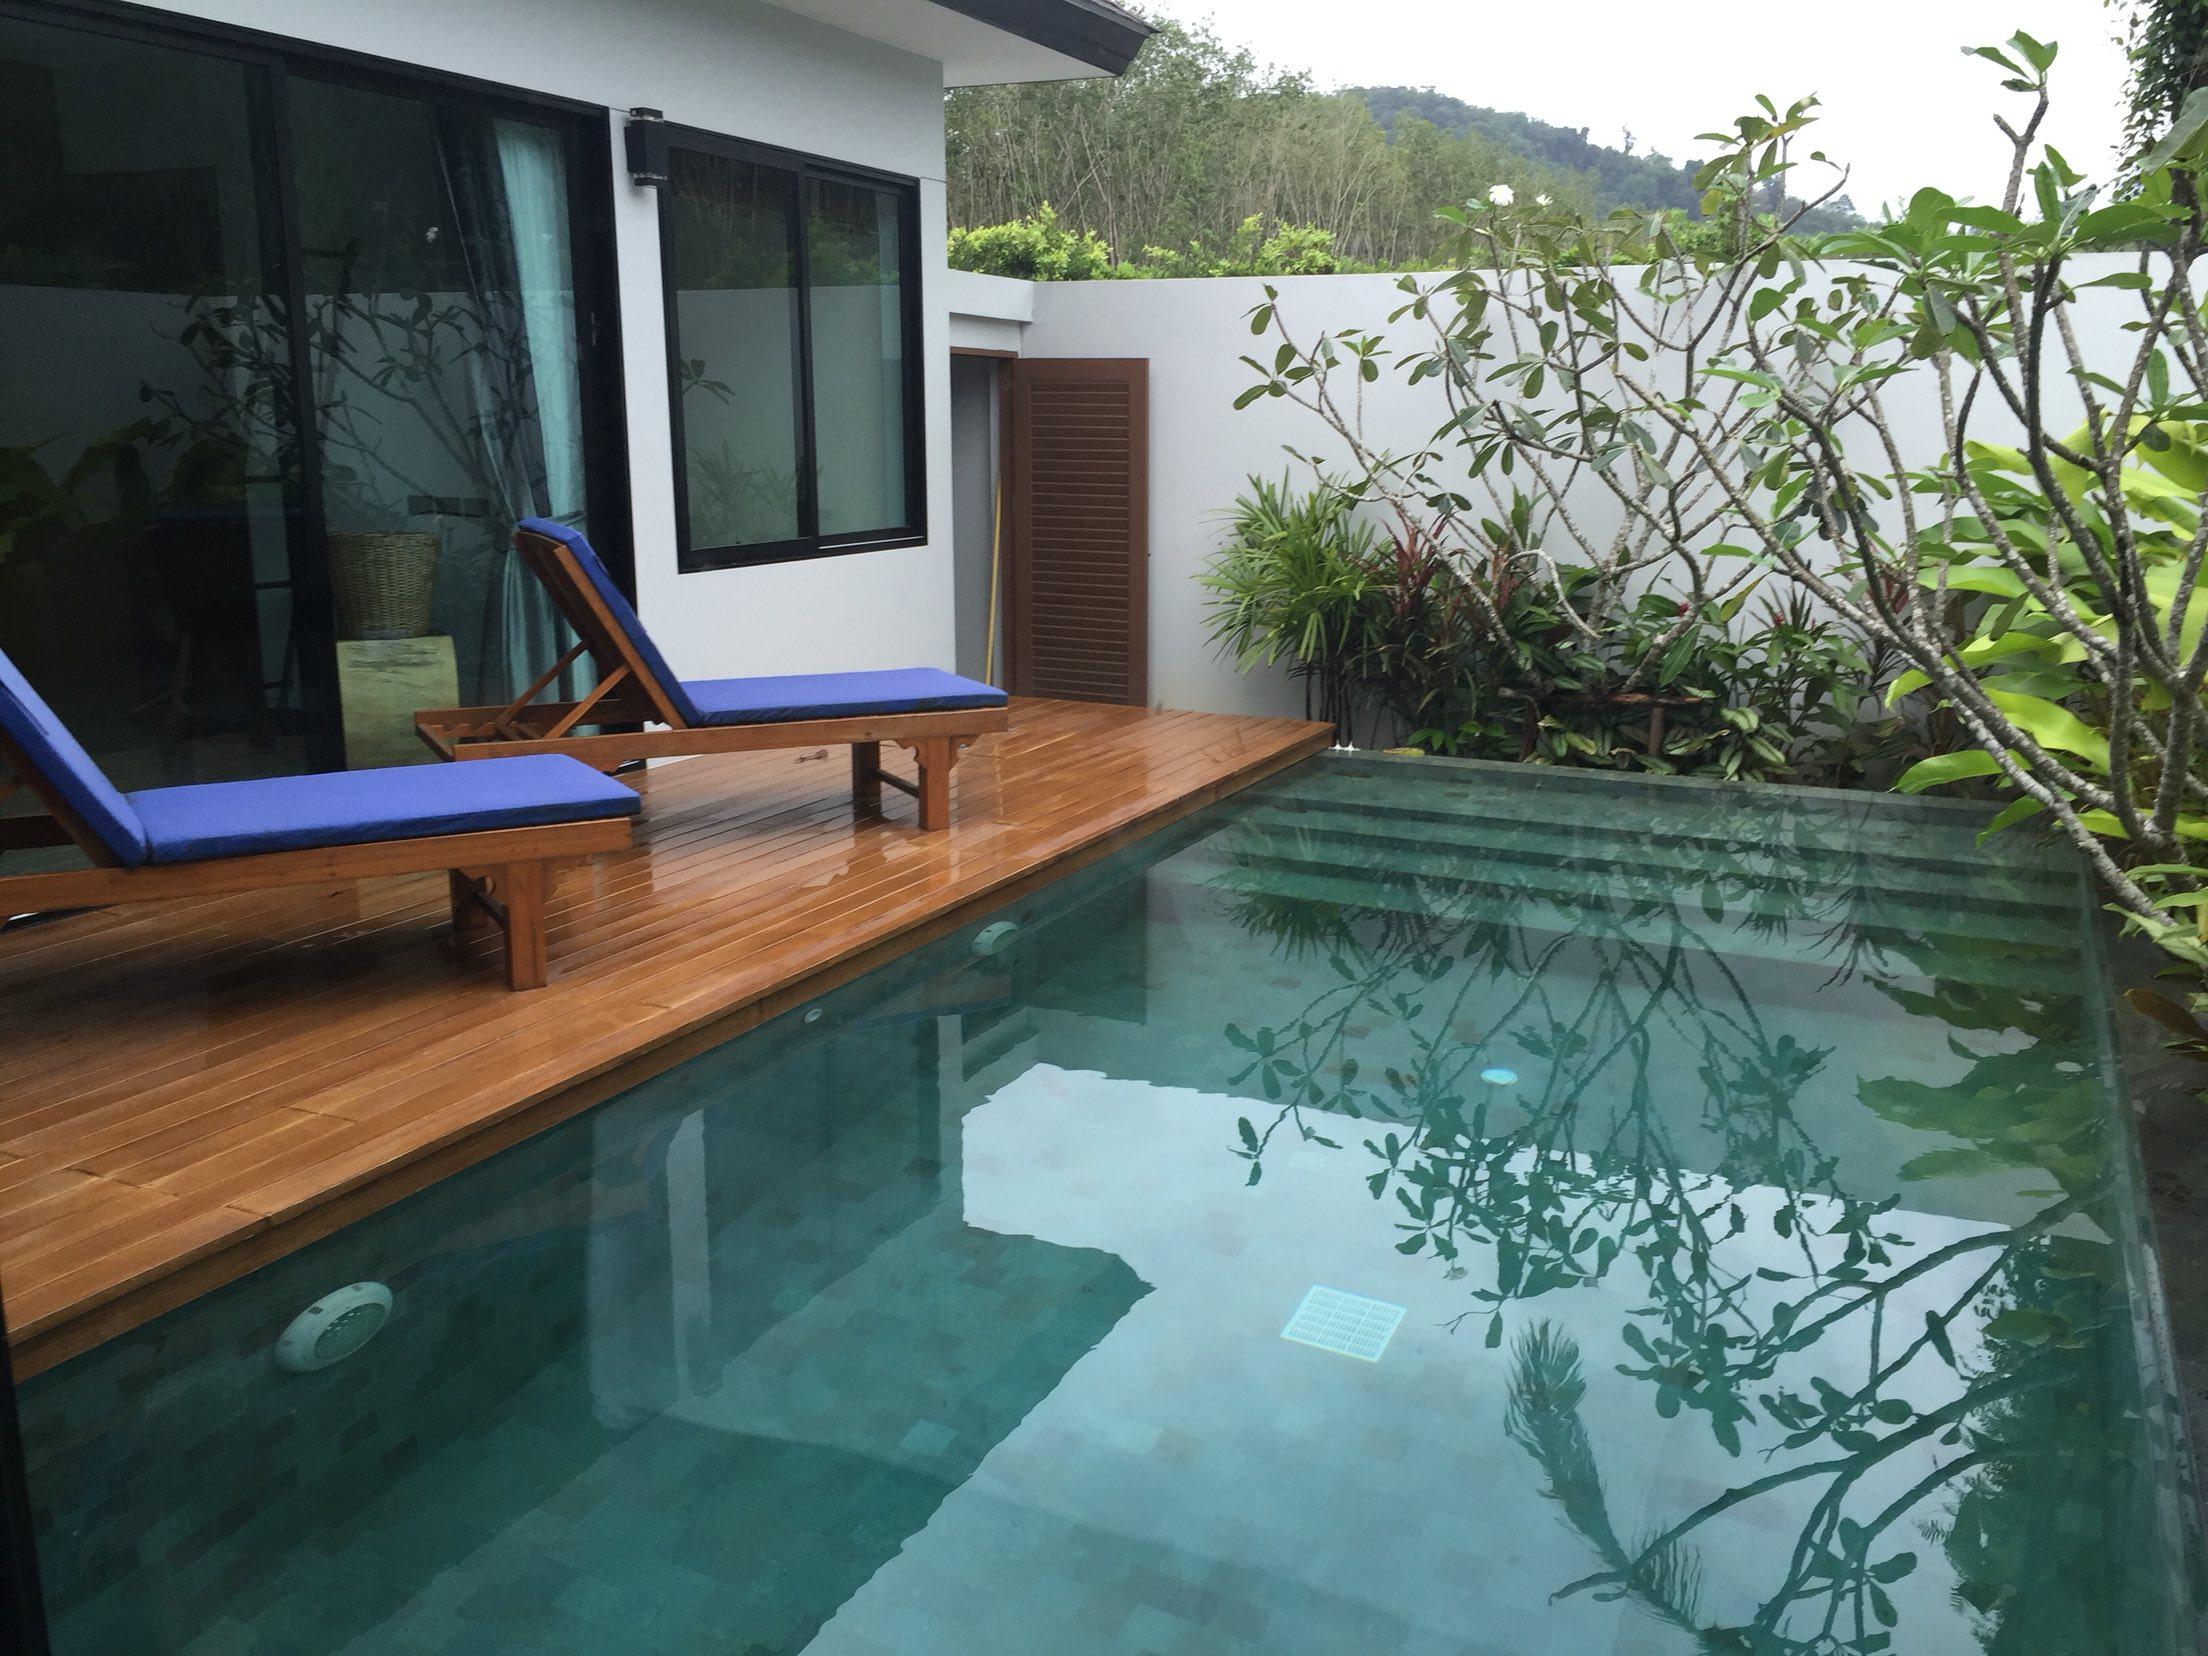 普吉岛拉维泳池别墅